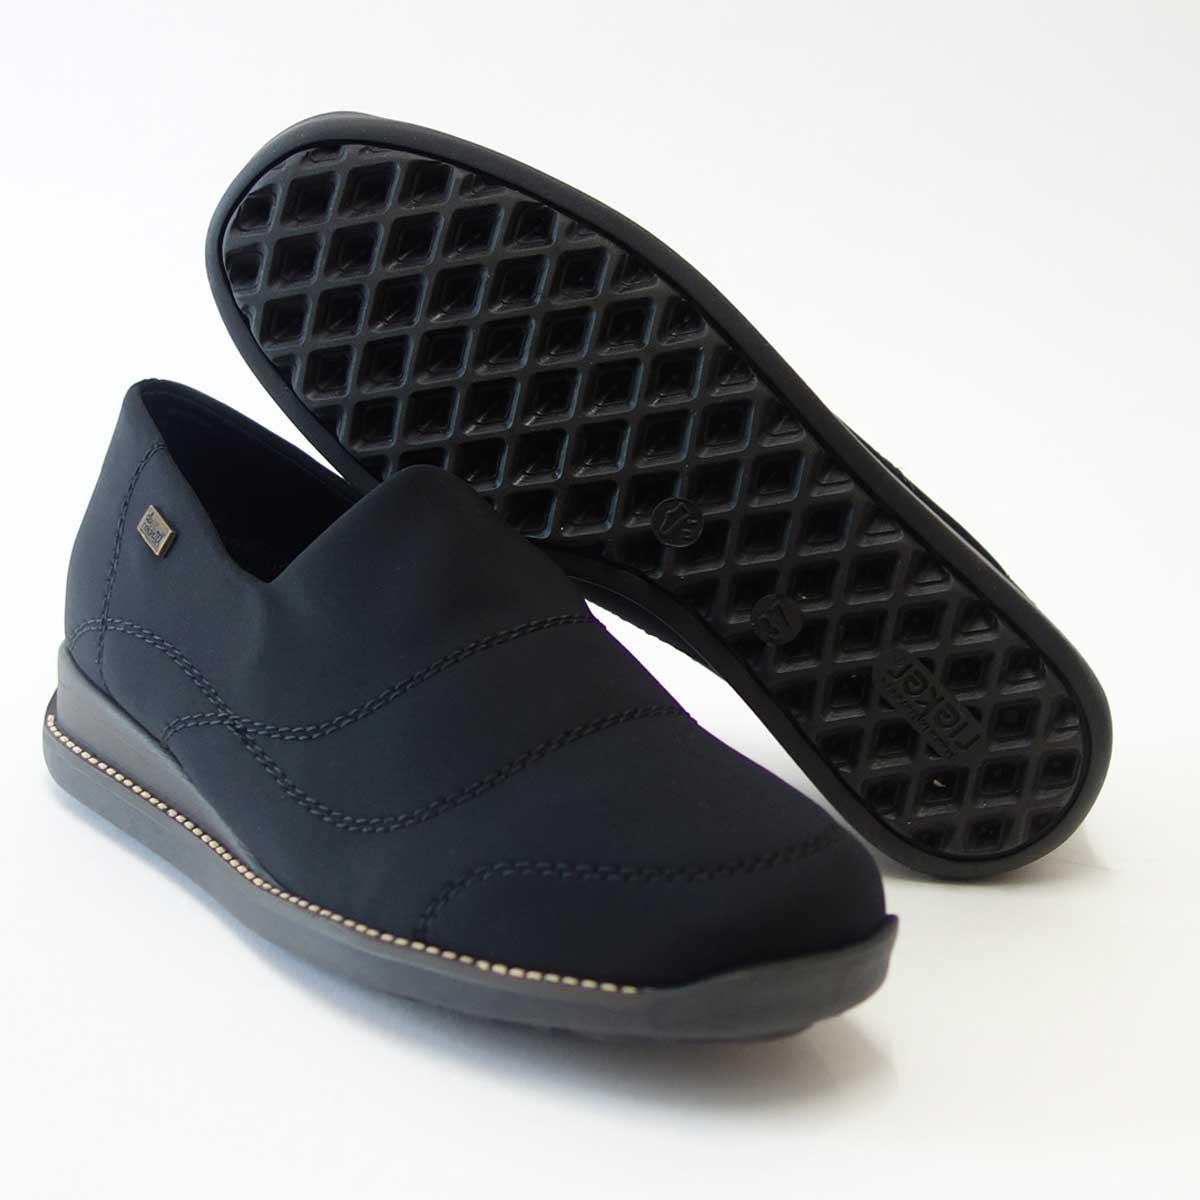 防水素材内蔵ストレッチシューズrieker リーカー 44260 ブラックドイツ生まれの快適フラットシューズ「靴」